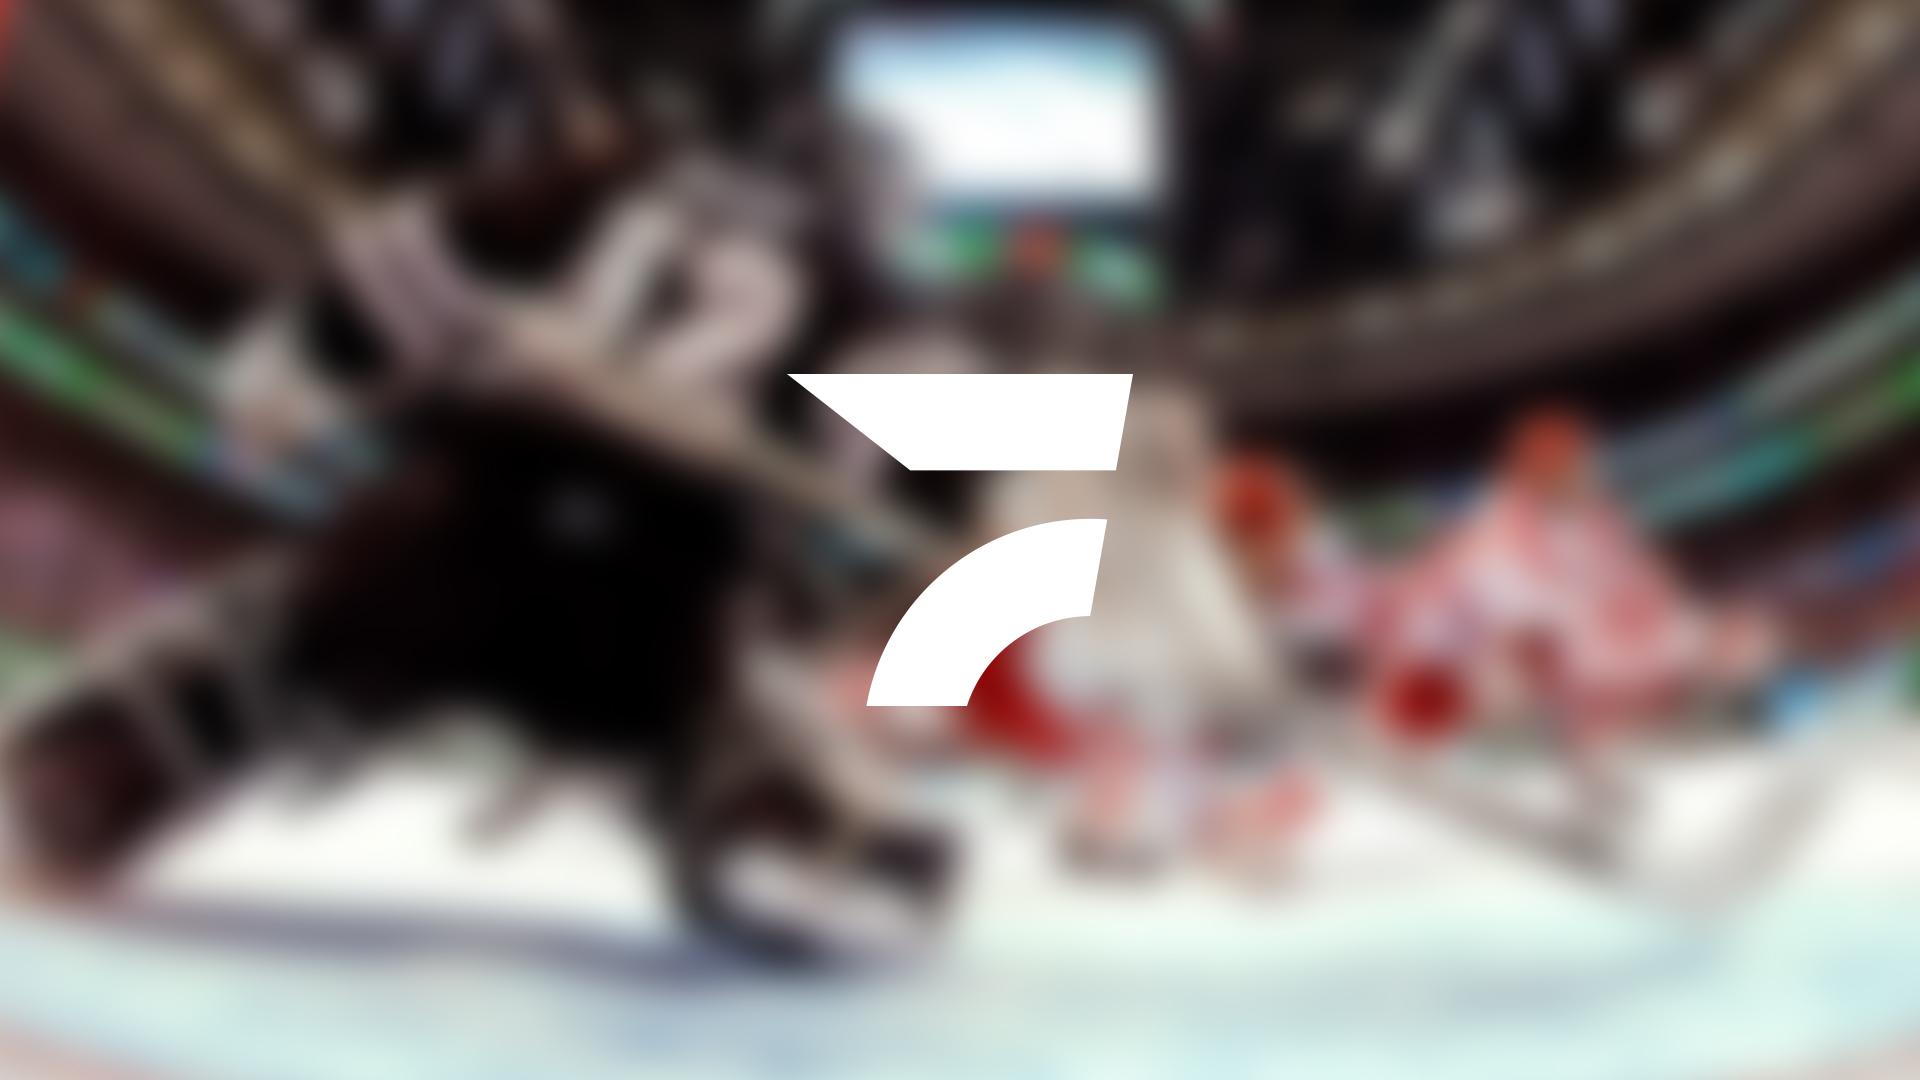 Hockey News | Hockey Games & Videos - Join FloHockey.tv - FloHockey